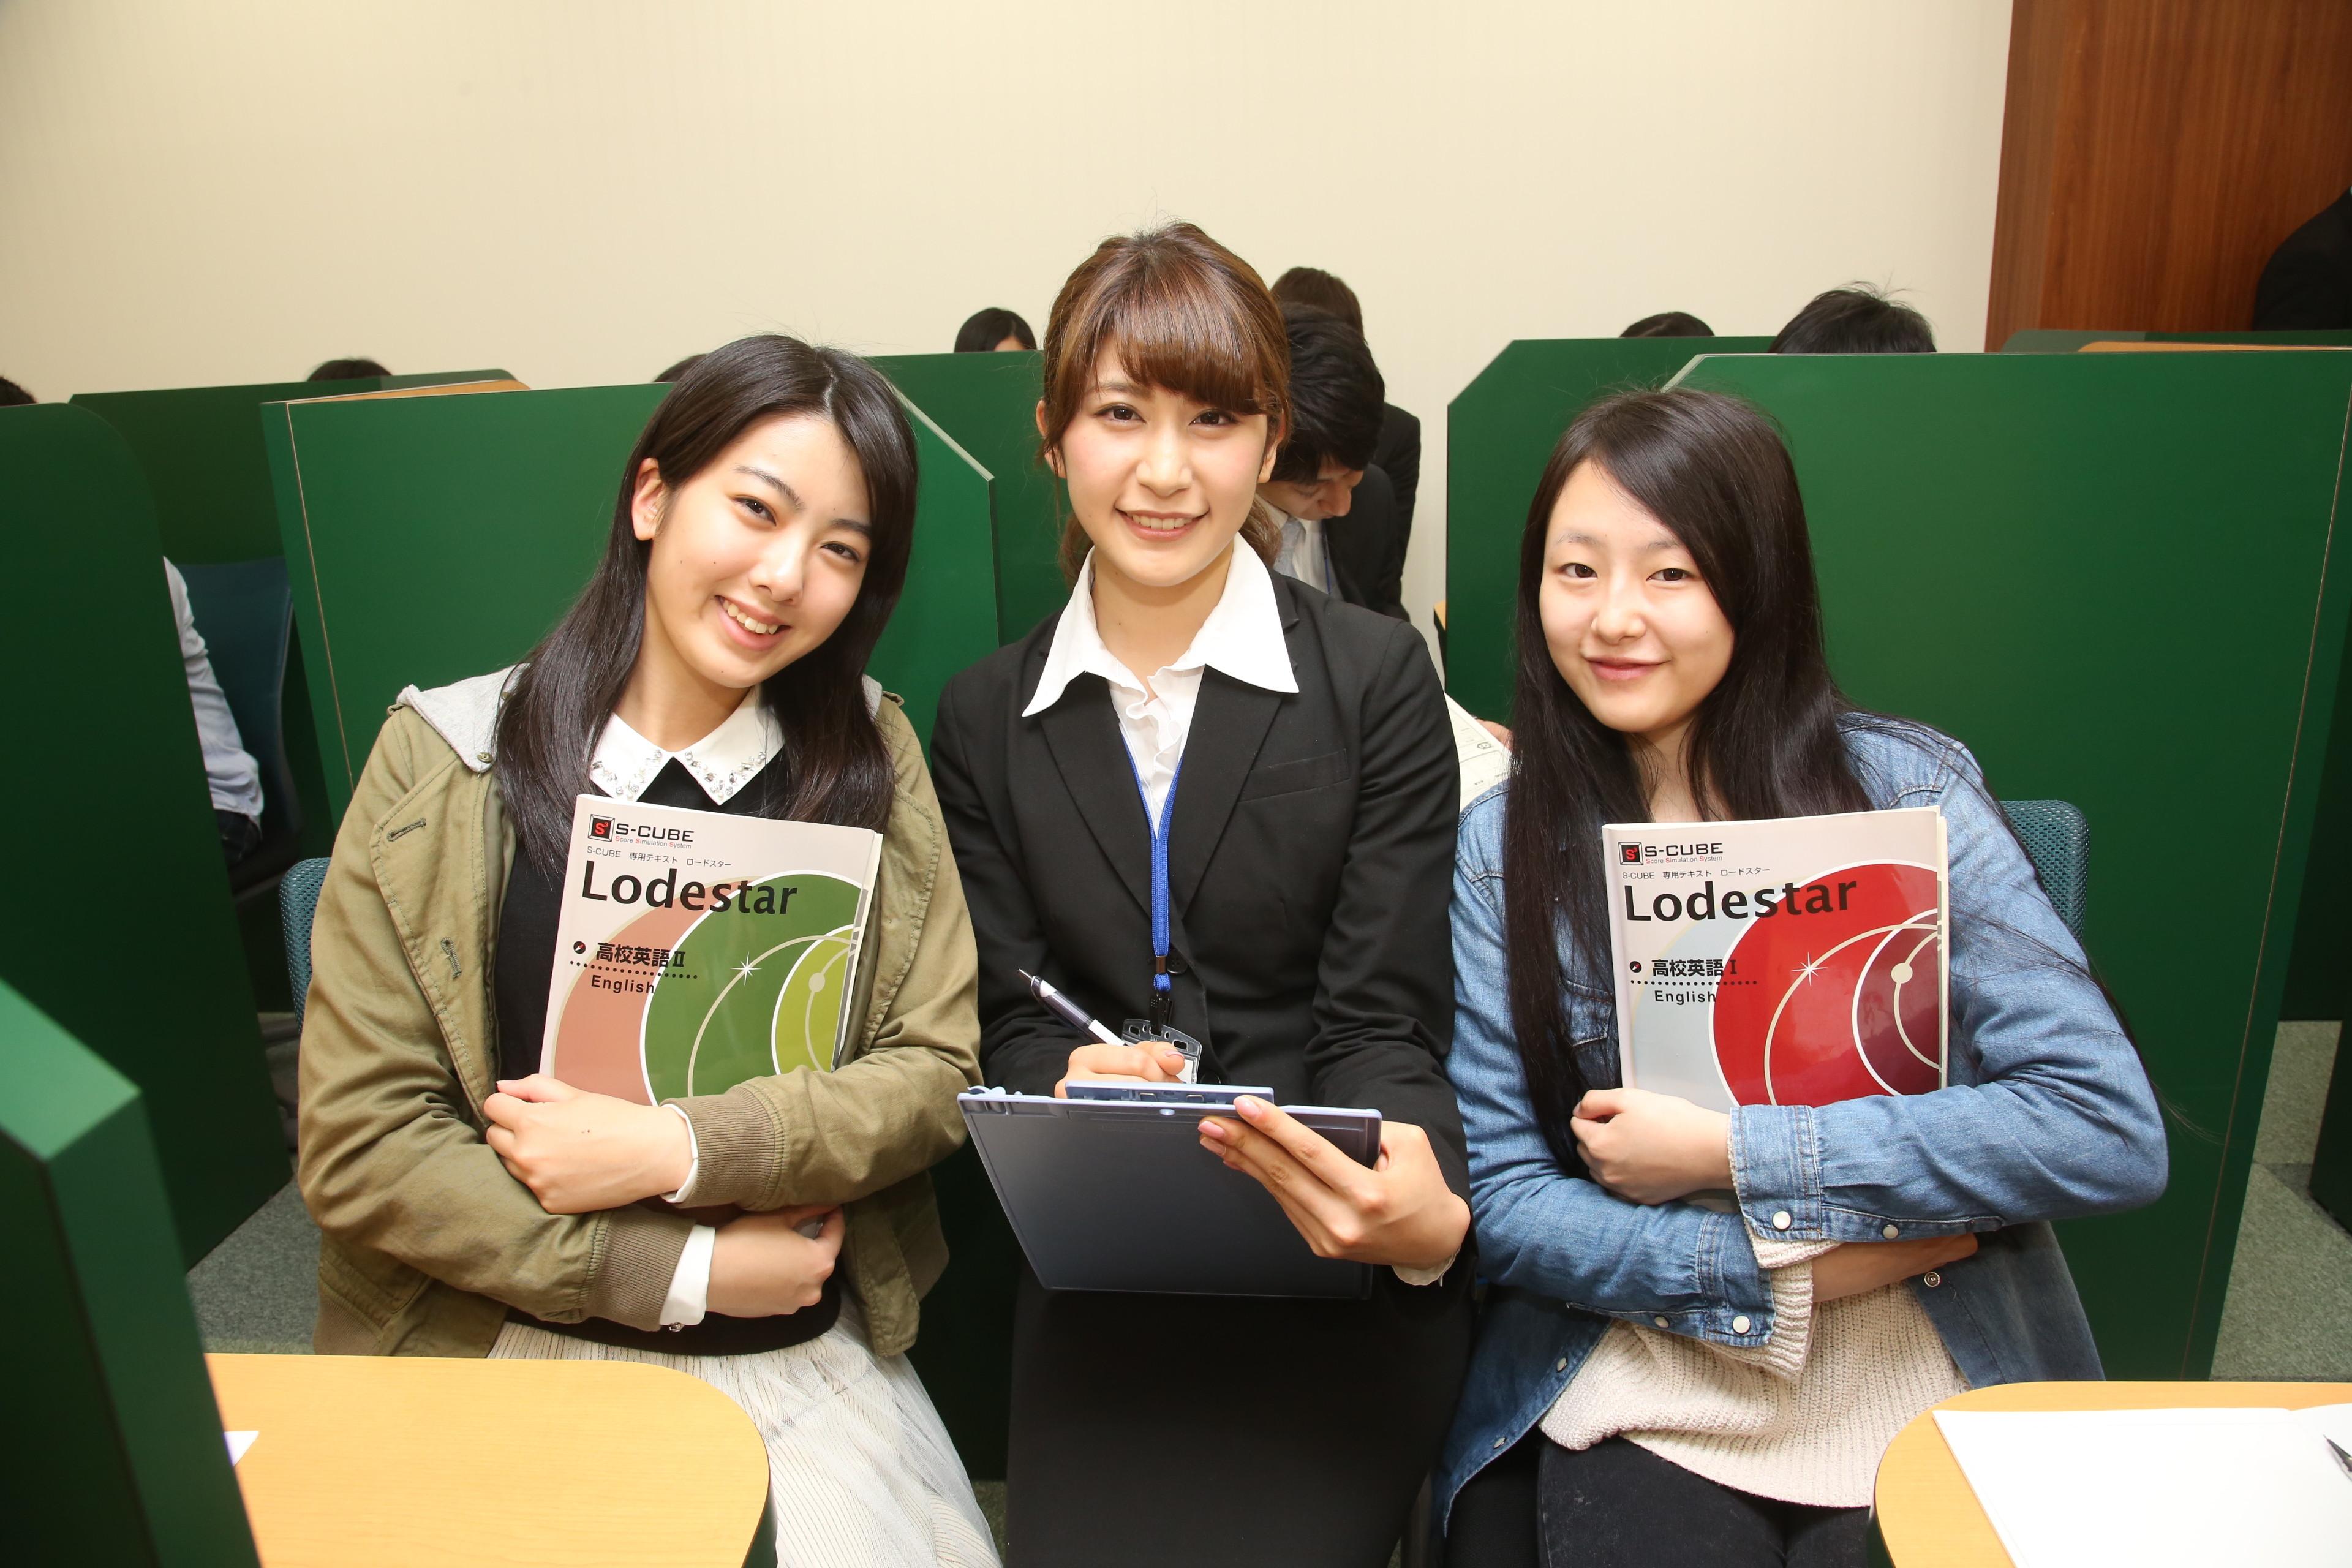 個別指導学院 フリーステップ 阪神西宮教室 のアルバイト情報